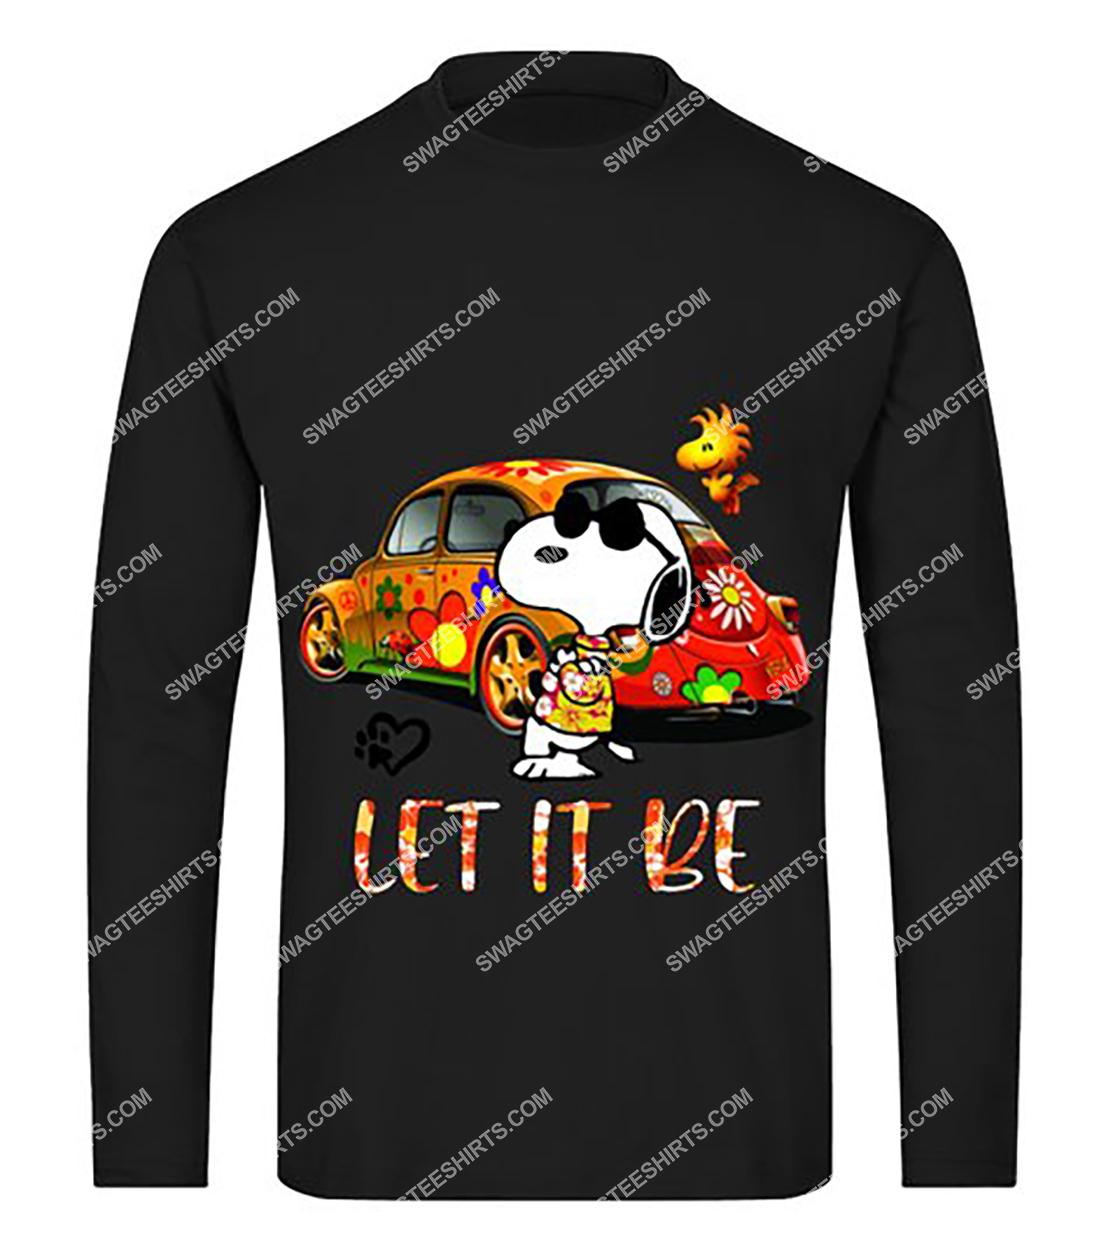 charlie brown snoopy let it be sweatshirt 1